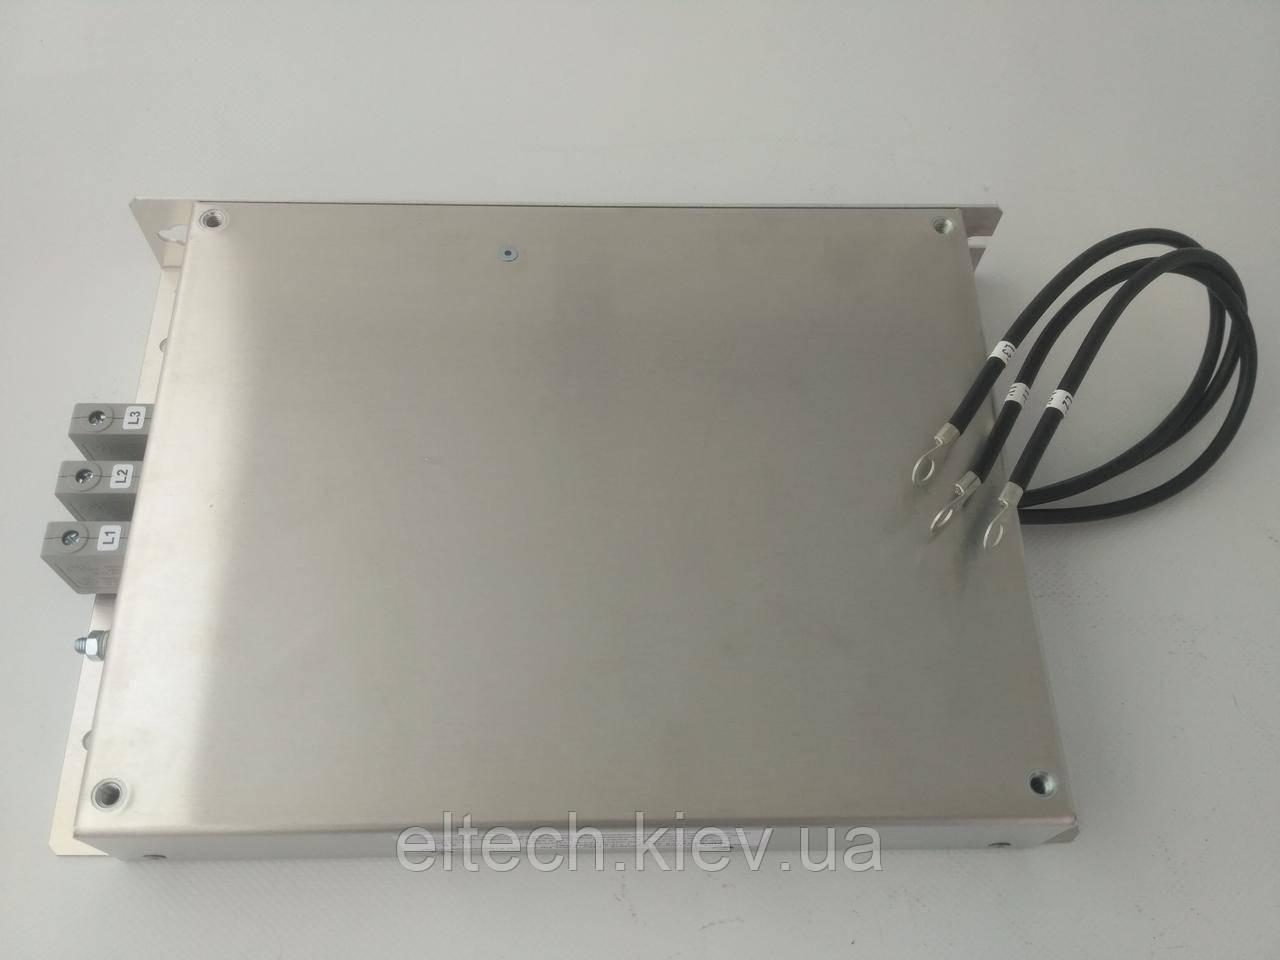 Фильтр сетевой FS25108-10-07 для SJ700D (SJ700)-(007,015,022,040)HFEF3